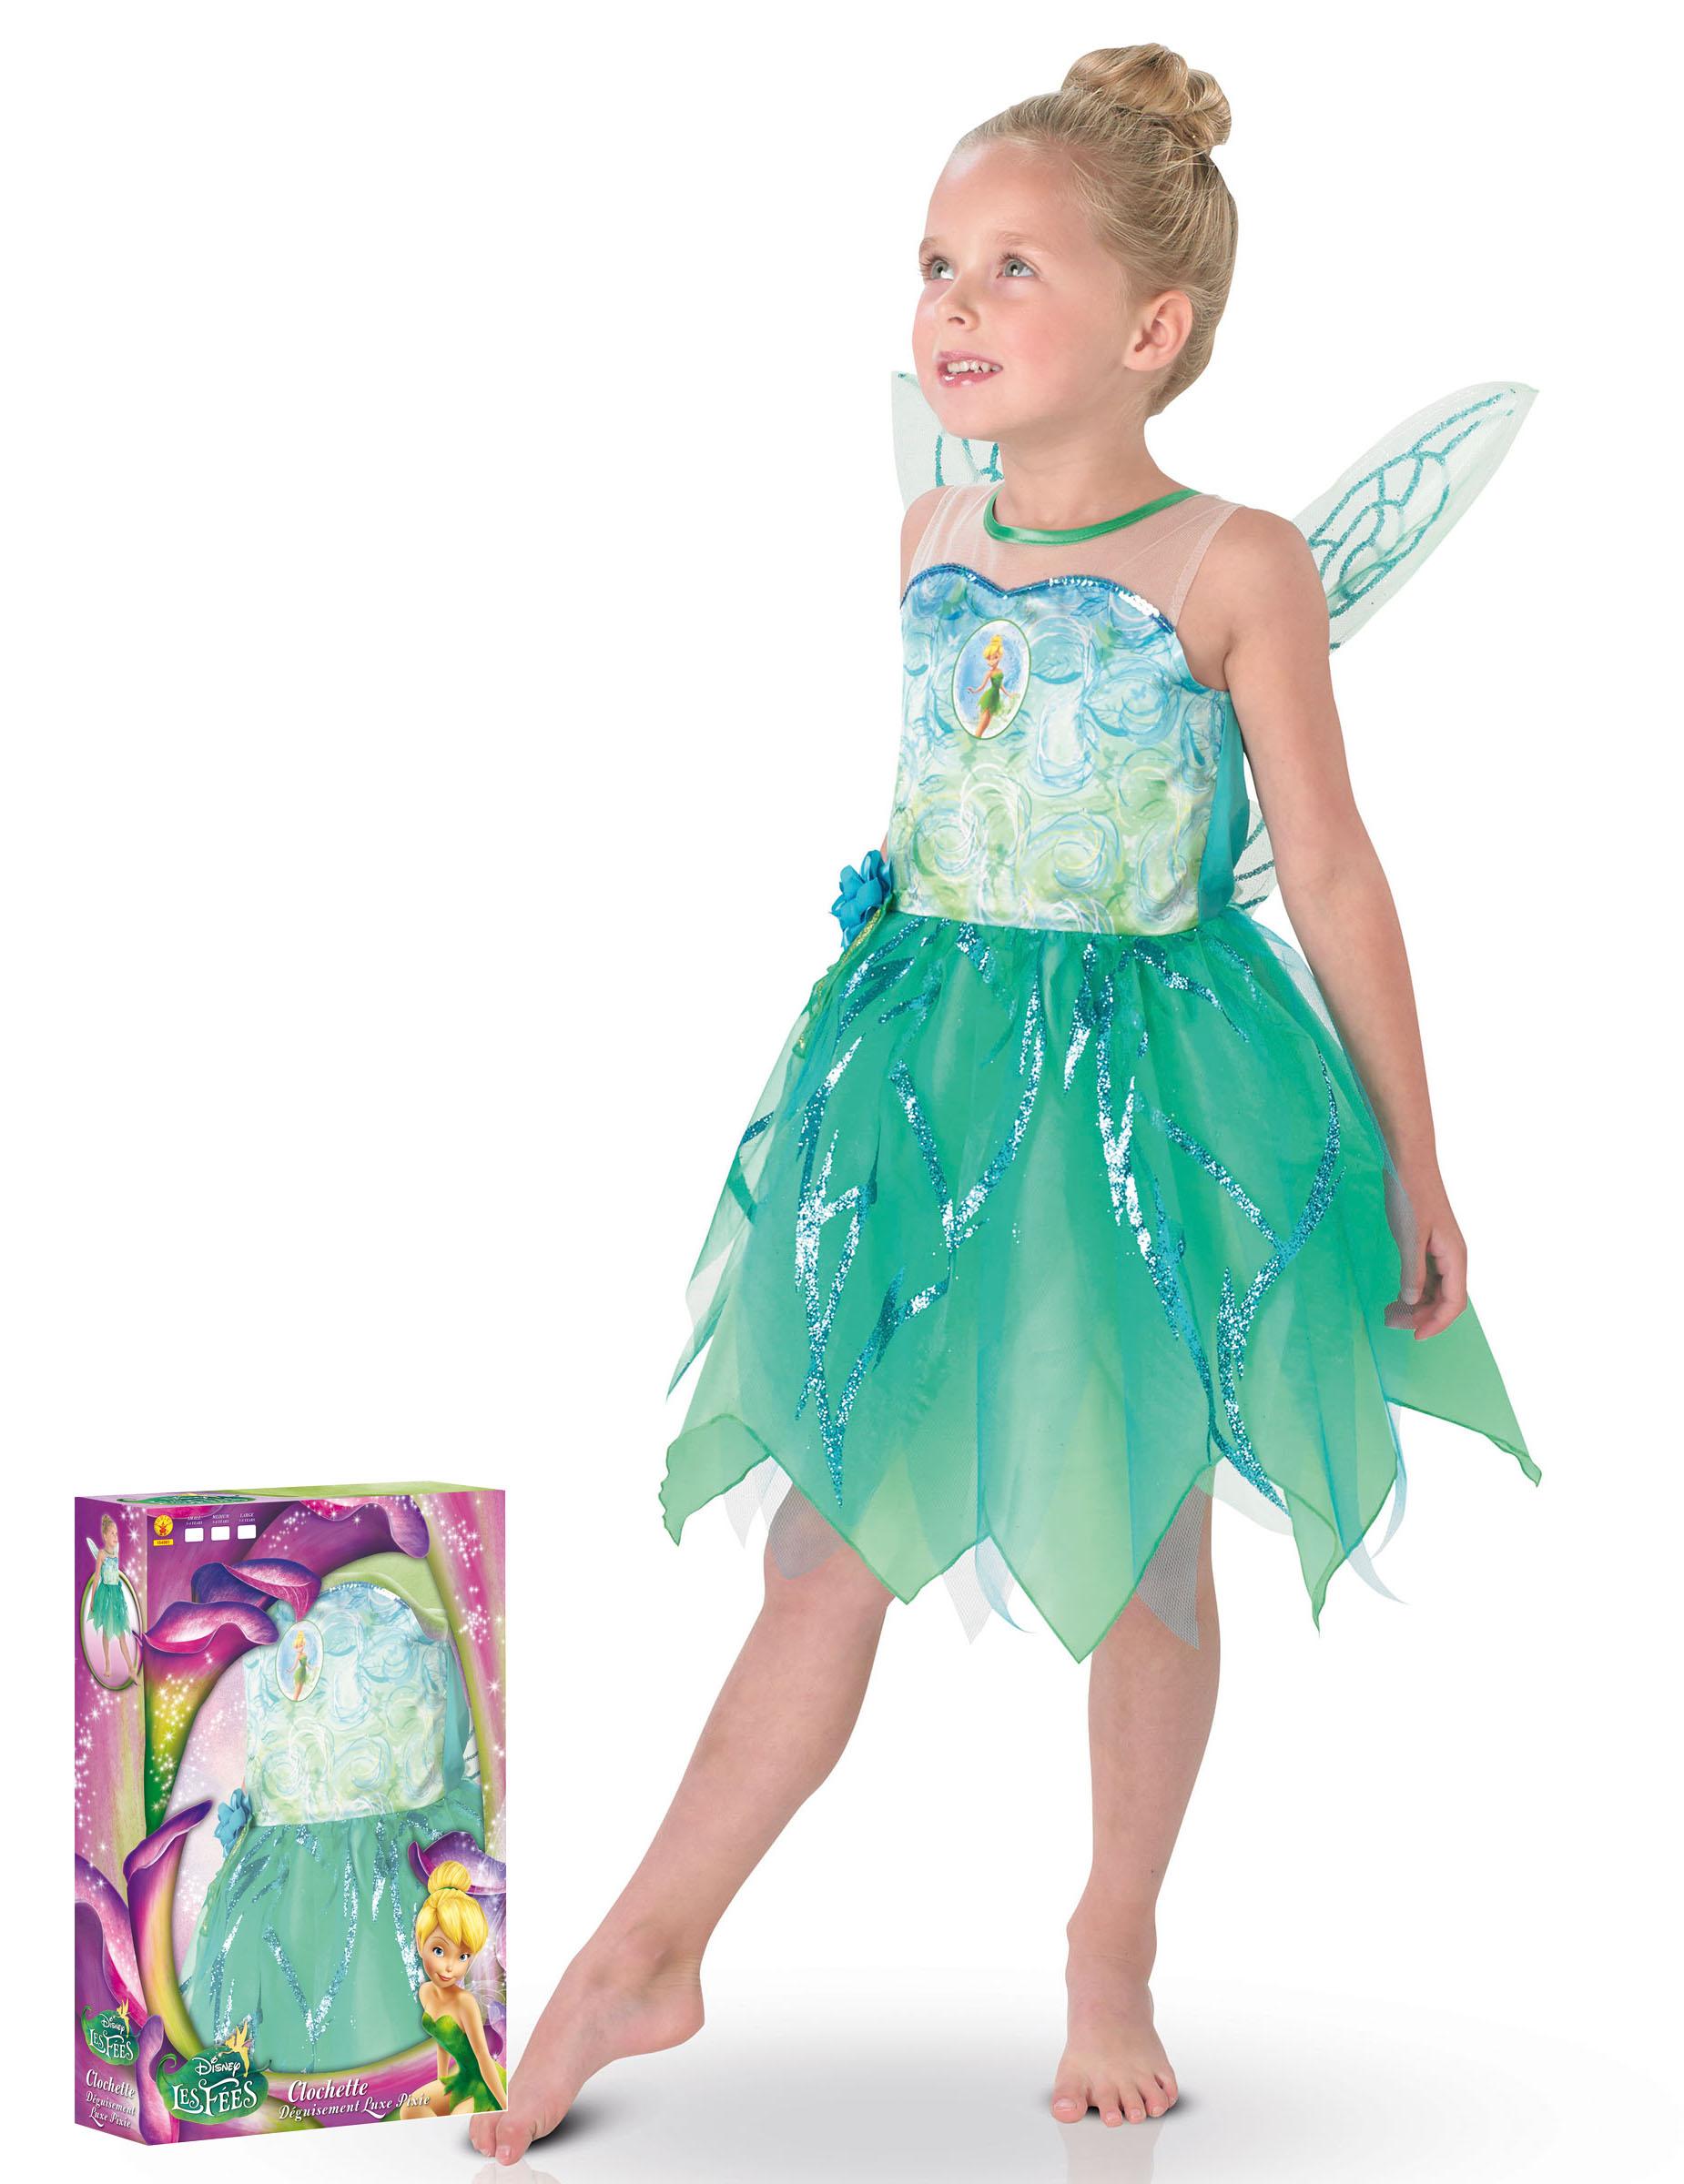 tinkerbell kostum fur kinder in grun und blau